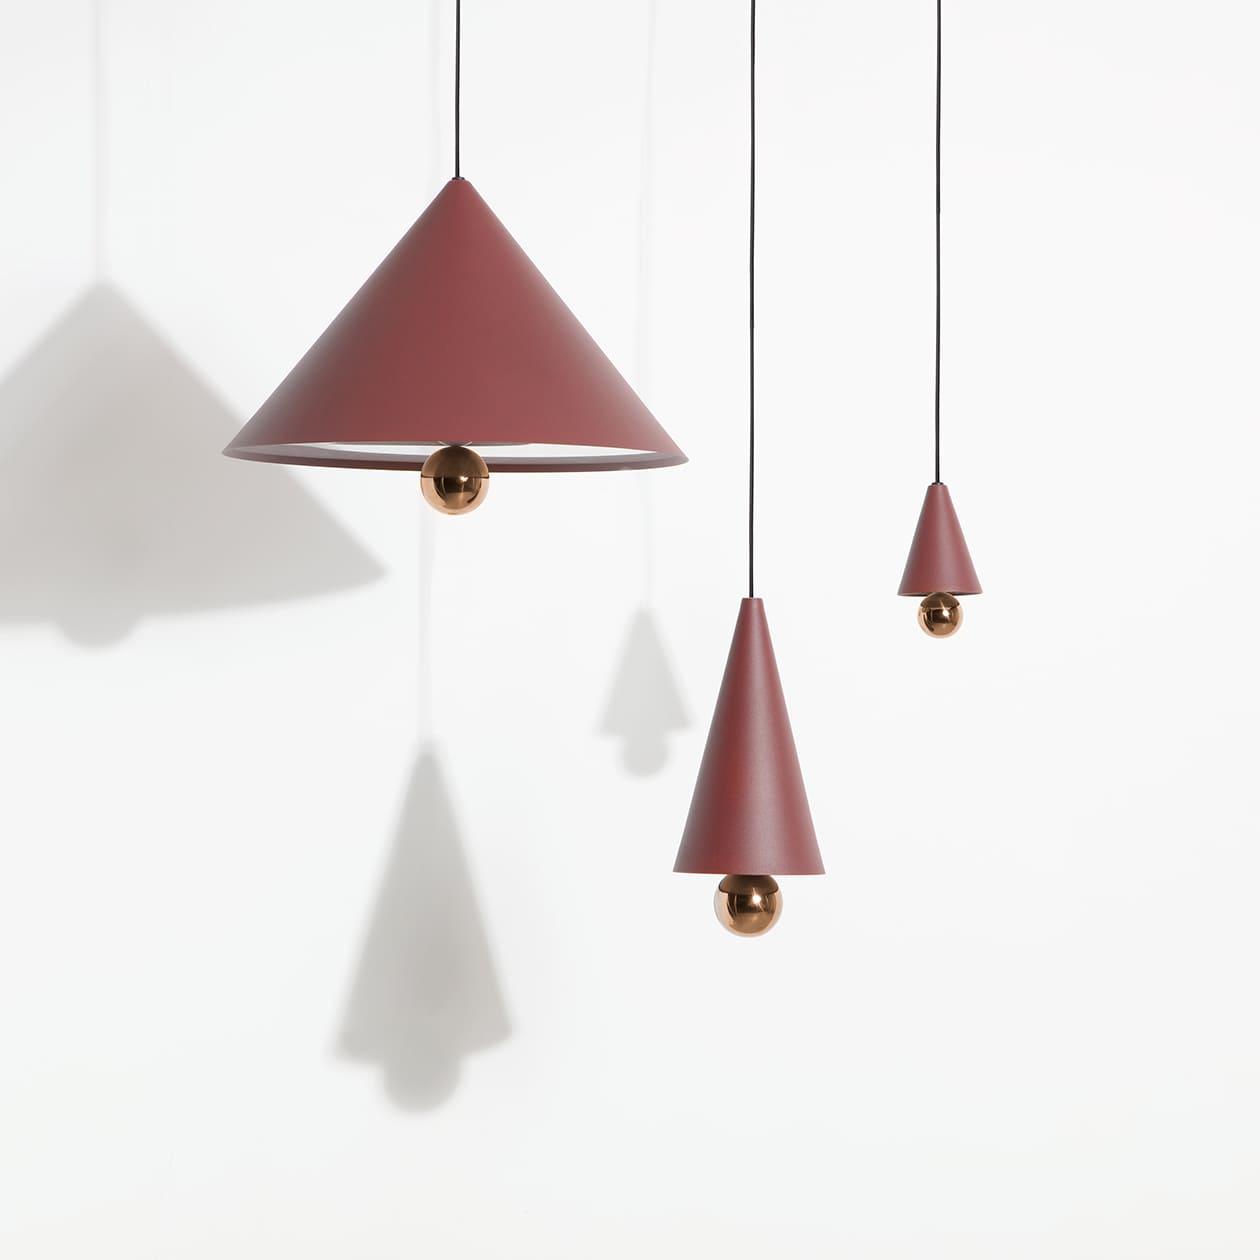 Suspension design Cherry LED